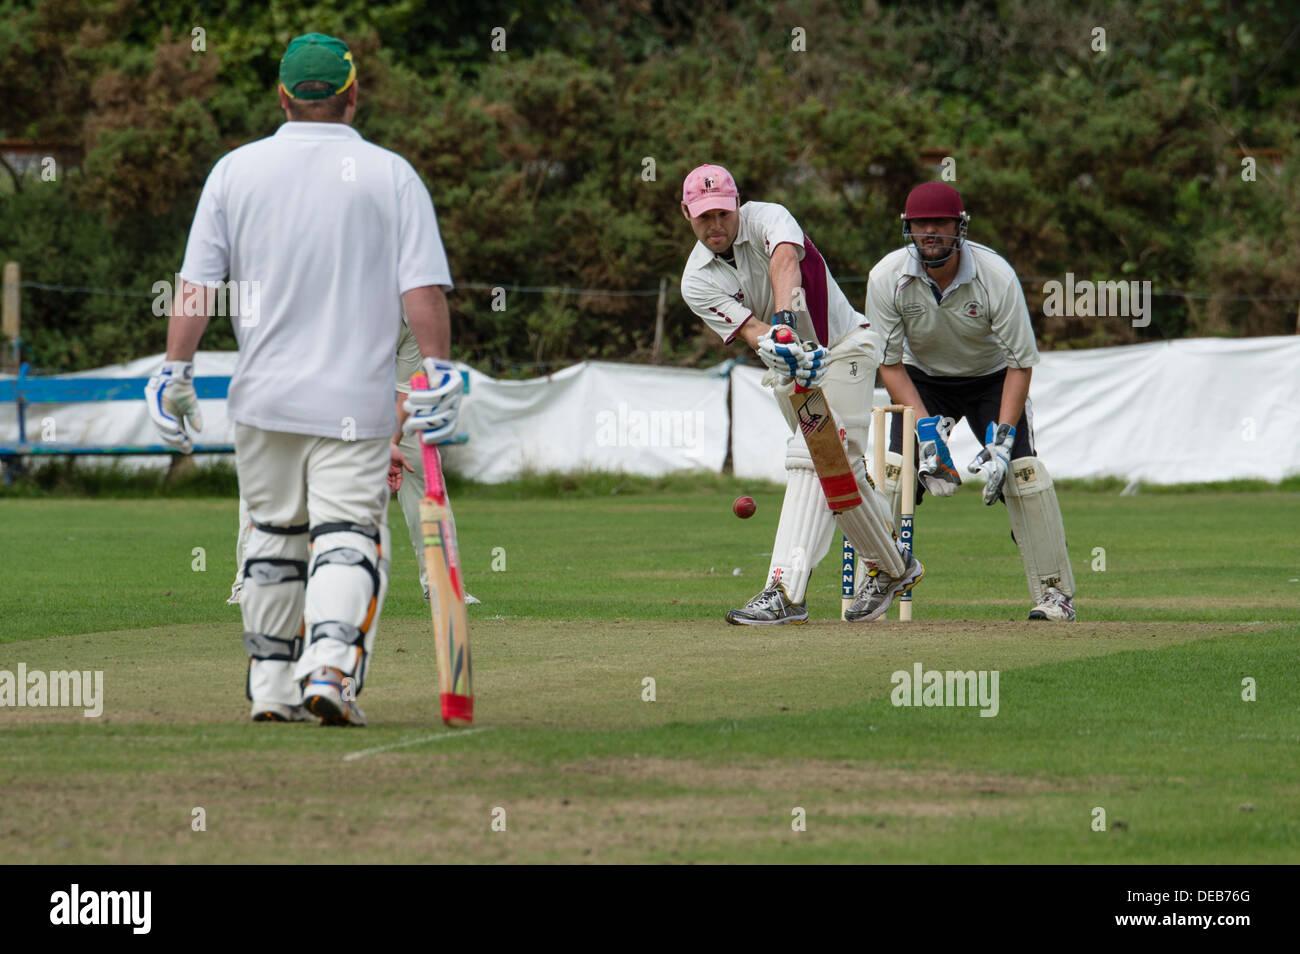 Gli uomini che giocano una domenica pomeriggio village cricket, Wales UK Immagini Stock